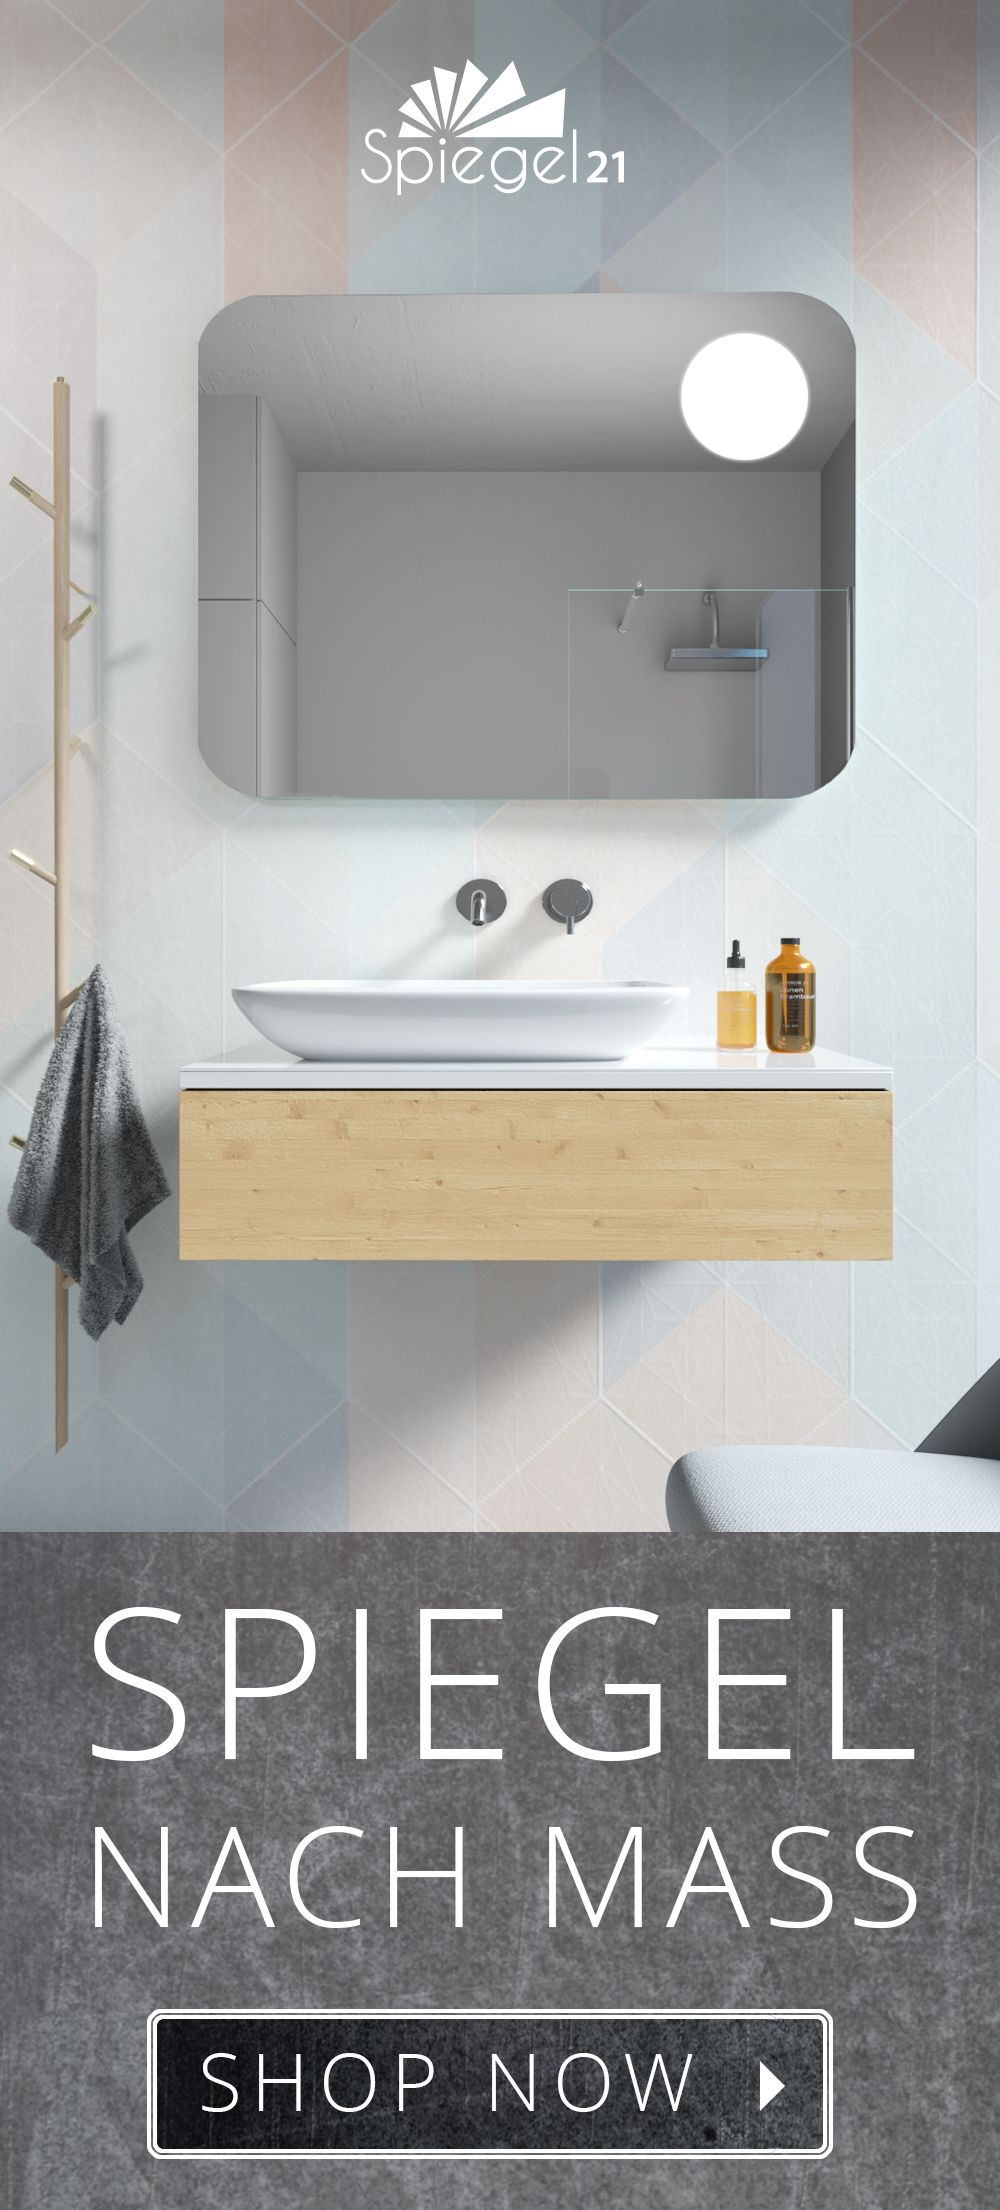 Bad Spiegel Mit Runden Ecken Led Strahler Kaufen Spiegel21 Badezimmer Einrichtung Wc Spiegel Spiegel Mit Beleuchtung